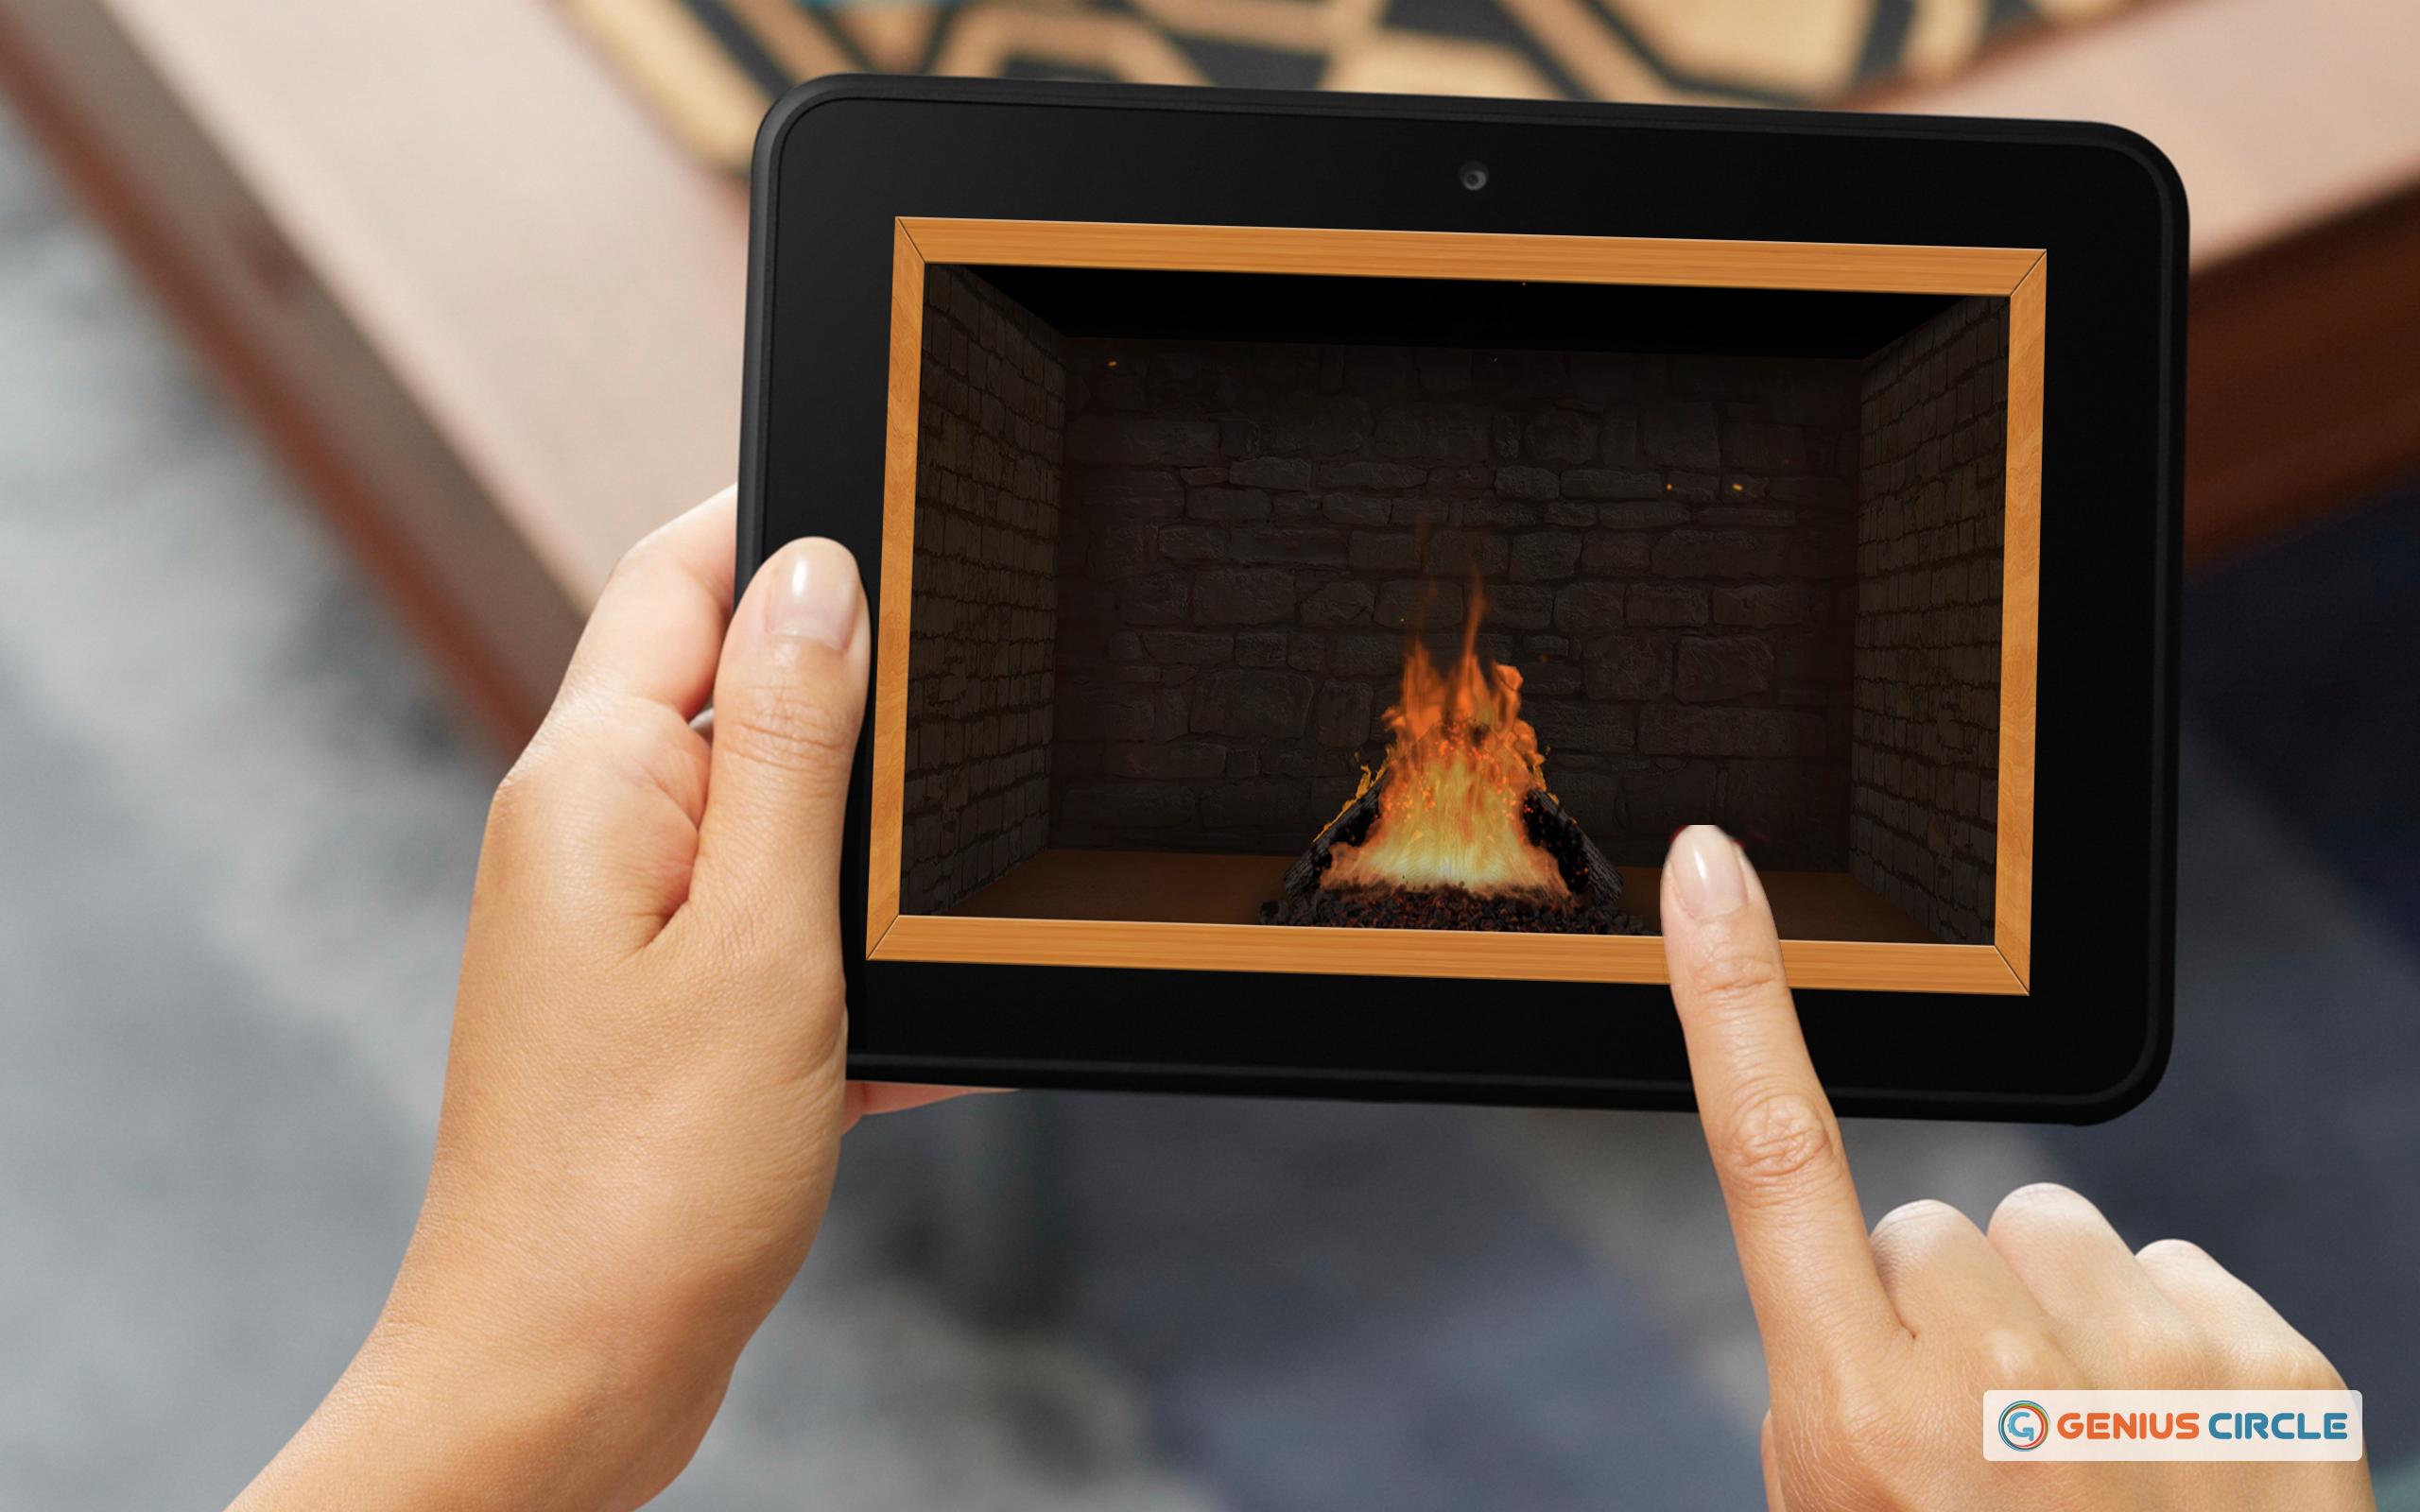 chimenea de leña virtual gratis HD: disfrute de las frías vacaciones de Navidad en invierno en su TV HDR 4K, TV 8K y dispositivos de fuego como fondo de pantalla, decoración para